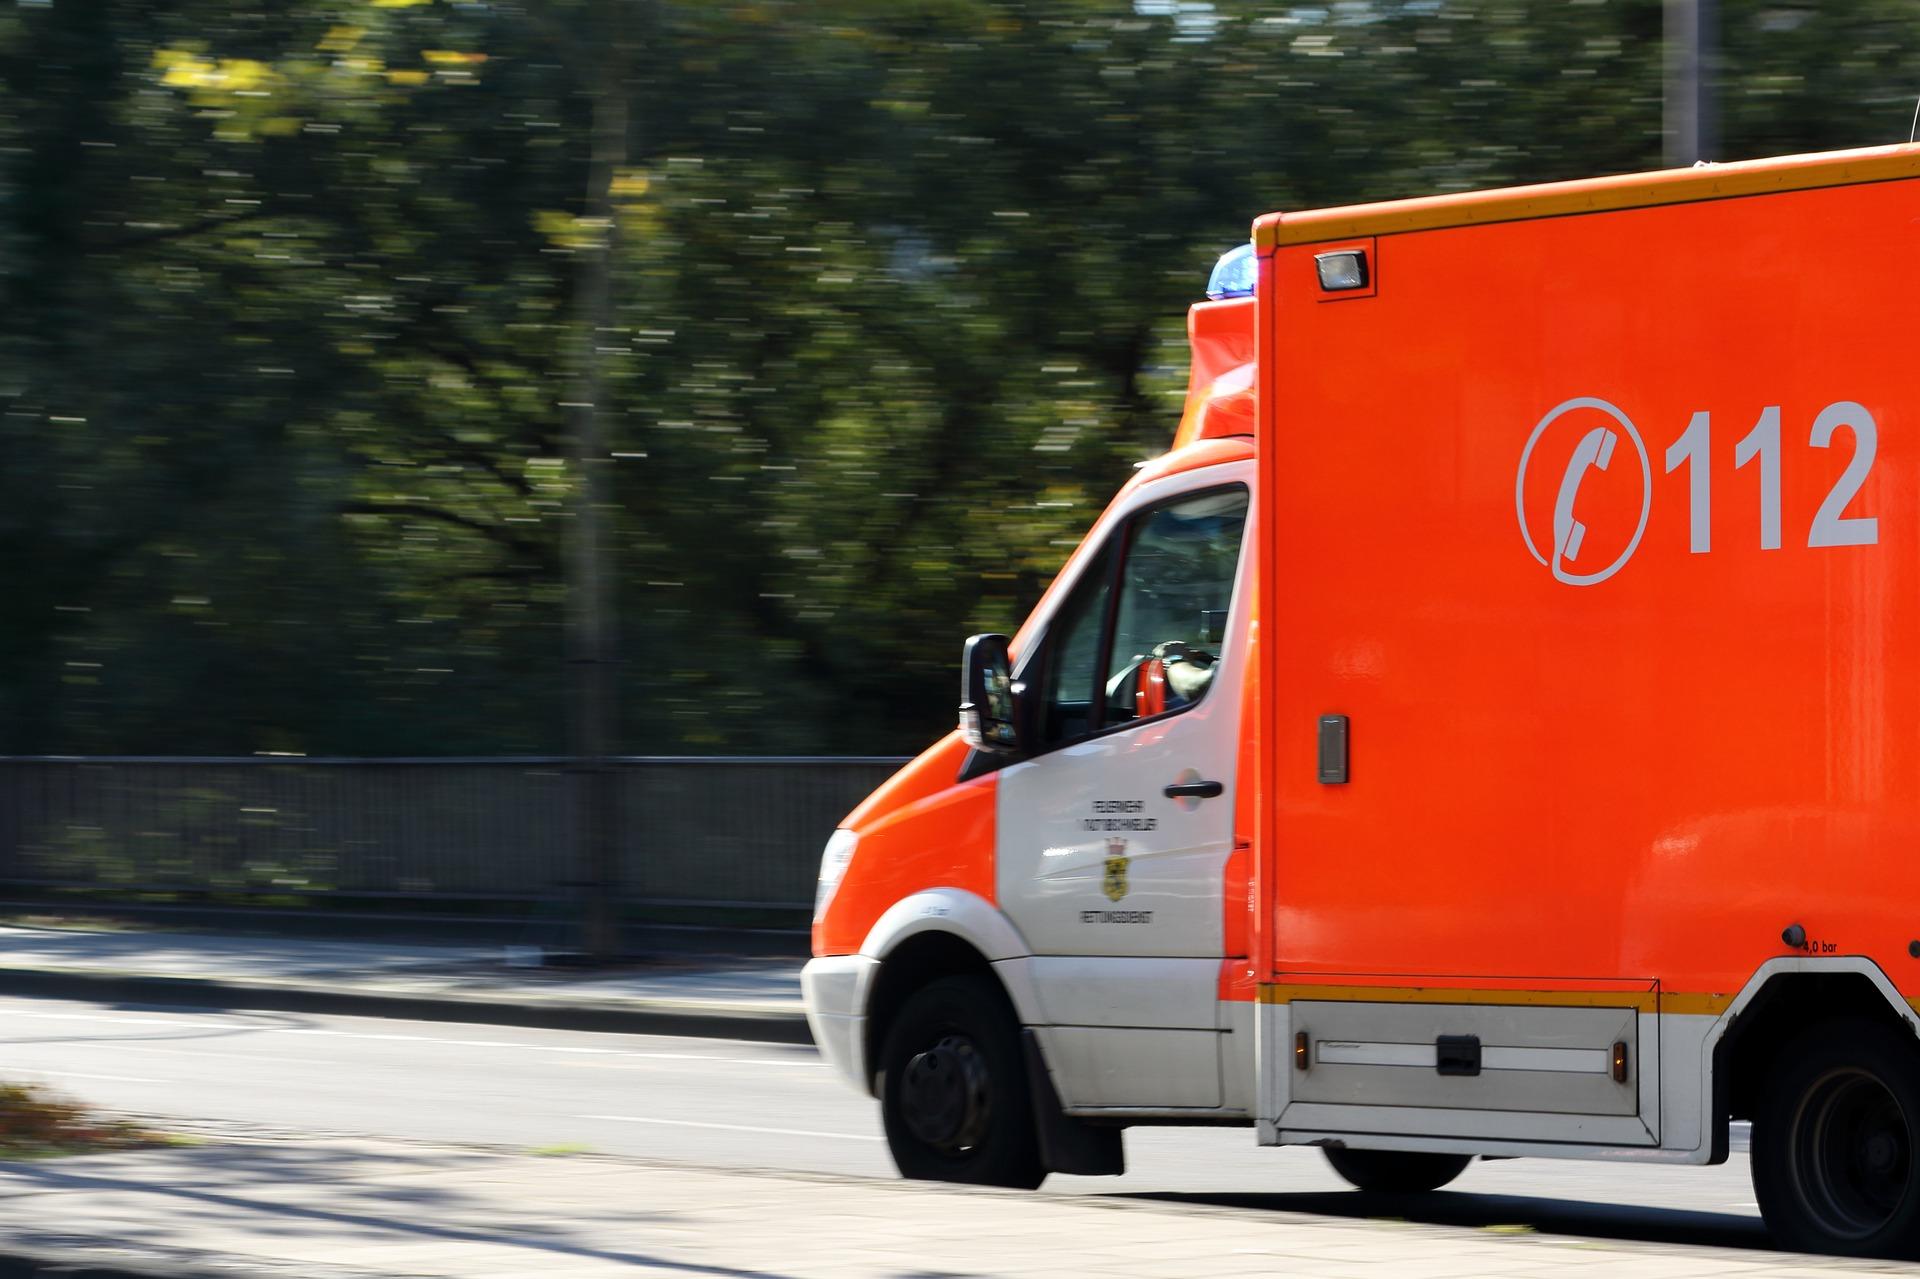 5 Verletzte infolge eines Wildunfalls - Deutsche Jagdzeitung